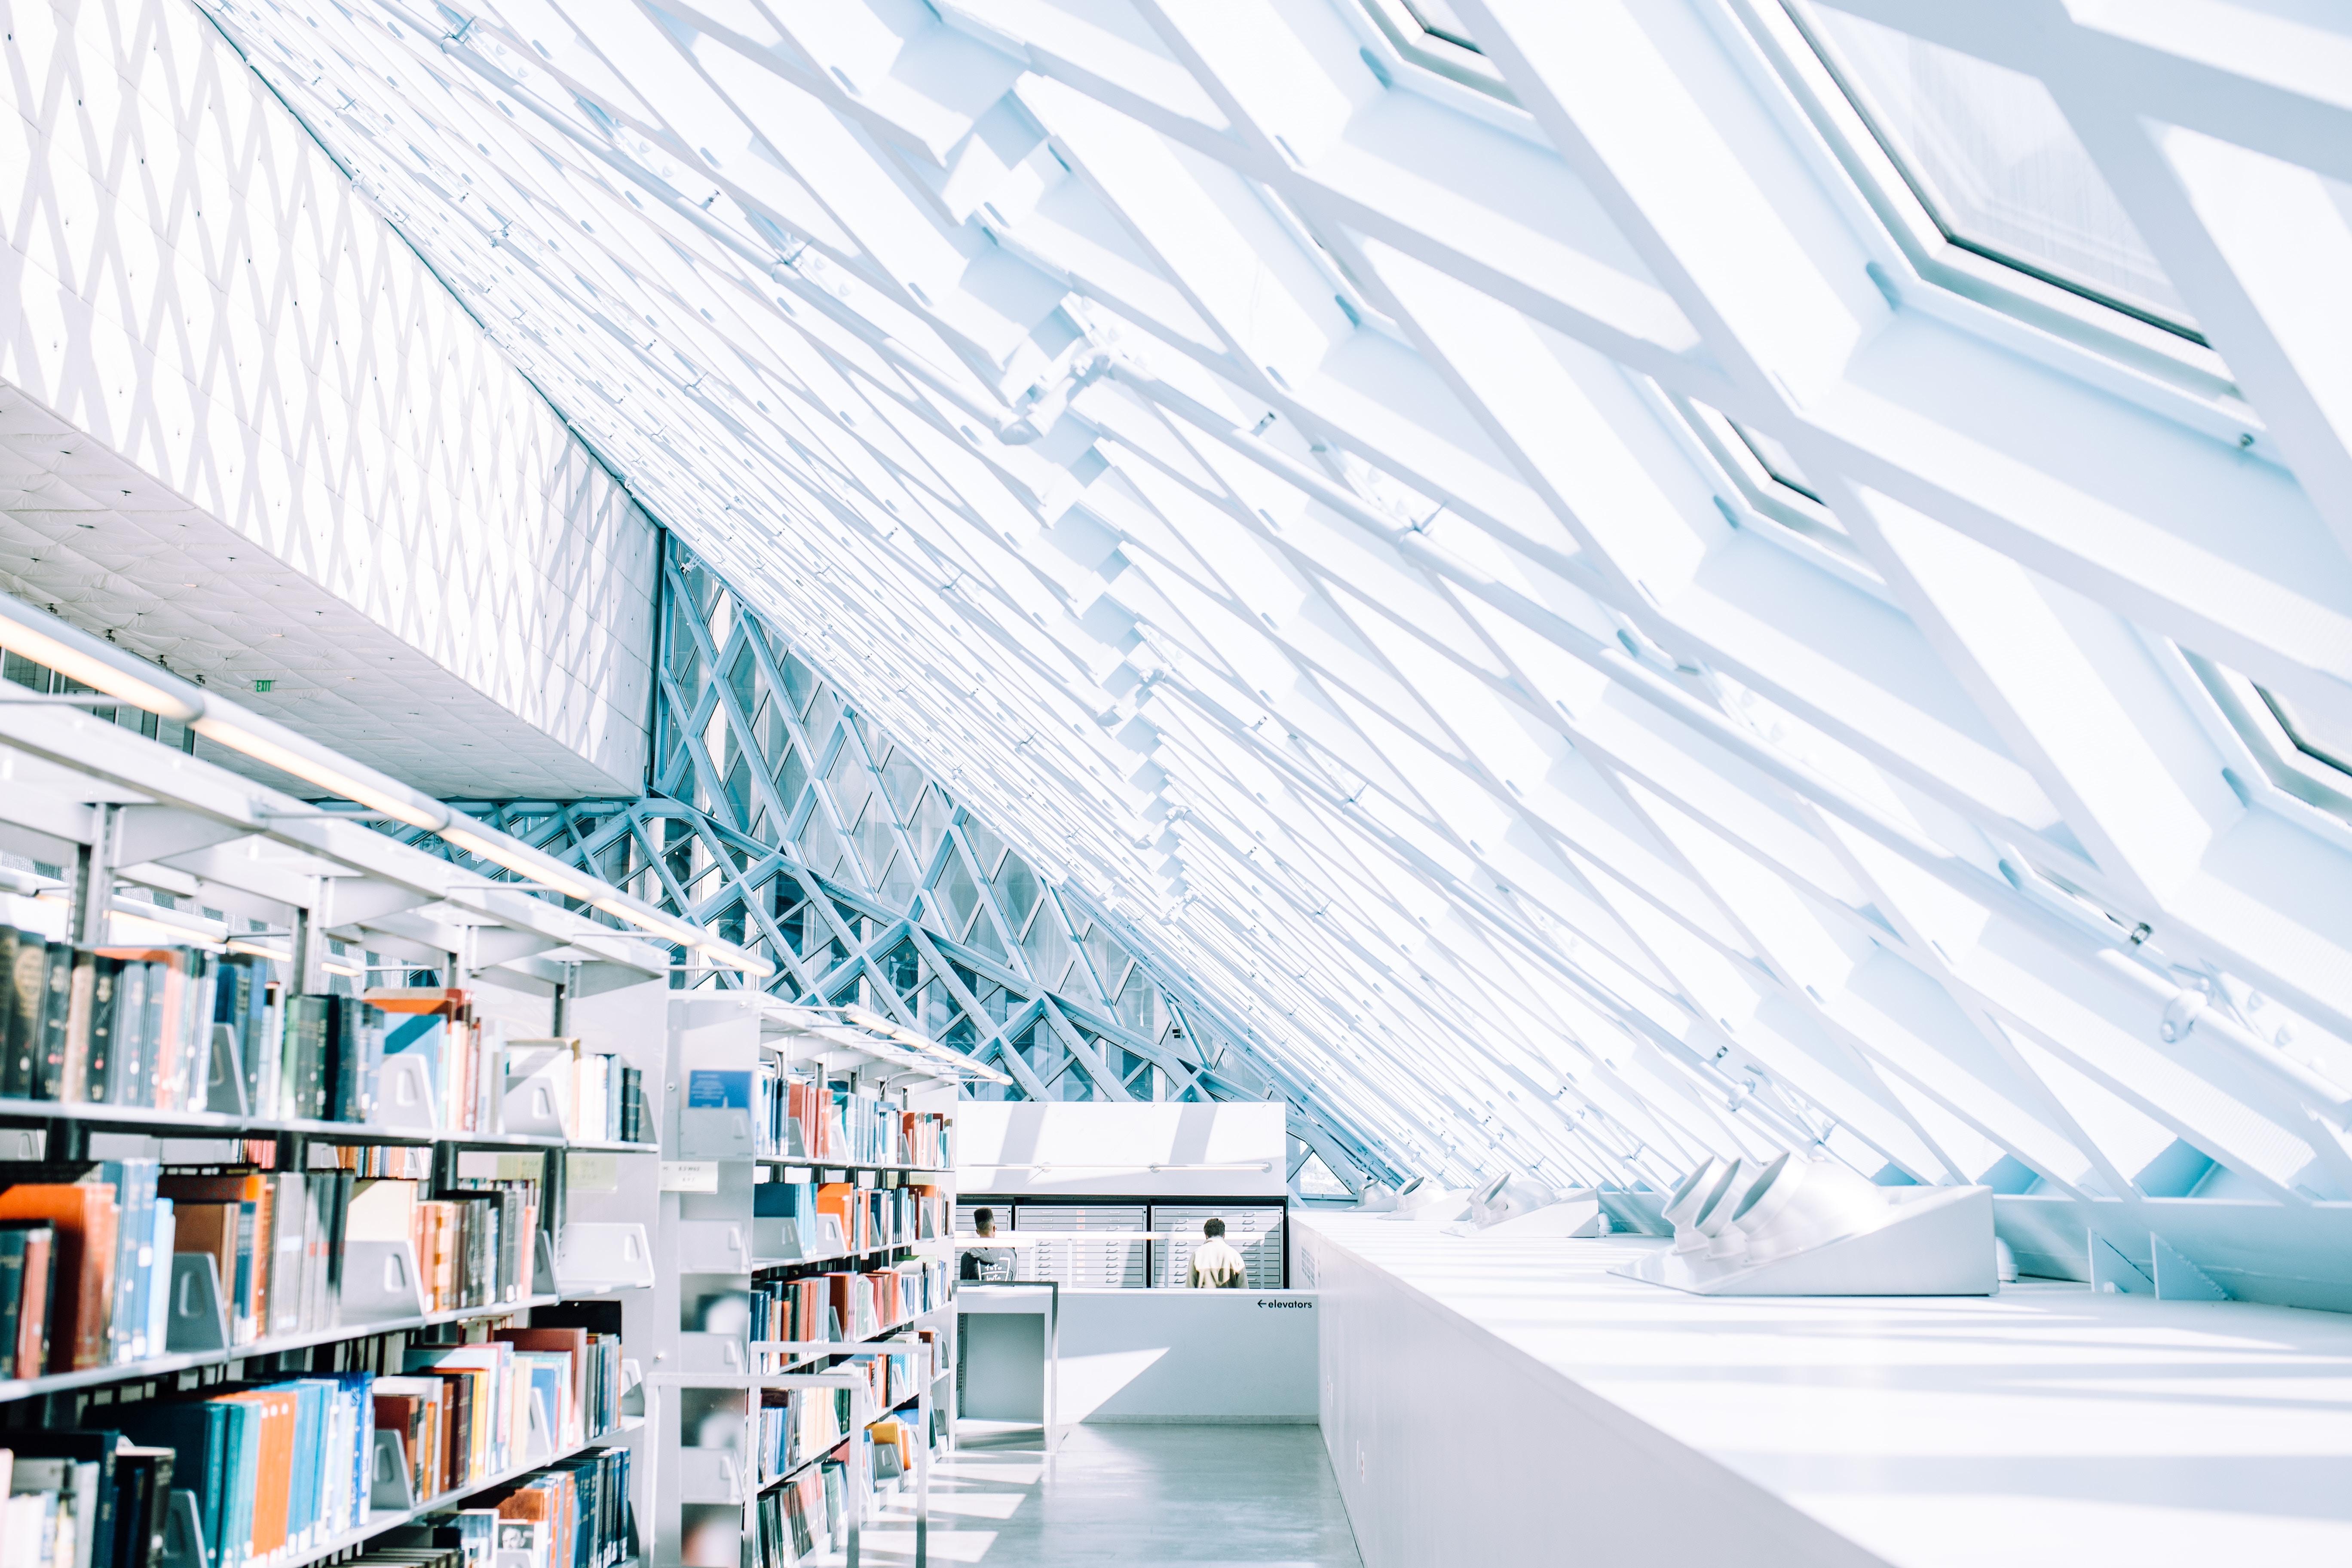 Convocatorias abiertas en Ciencias Sociales y Humanidades Digitales (22/1/2020)